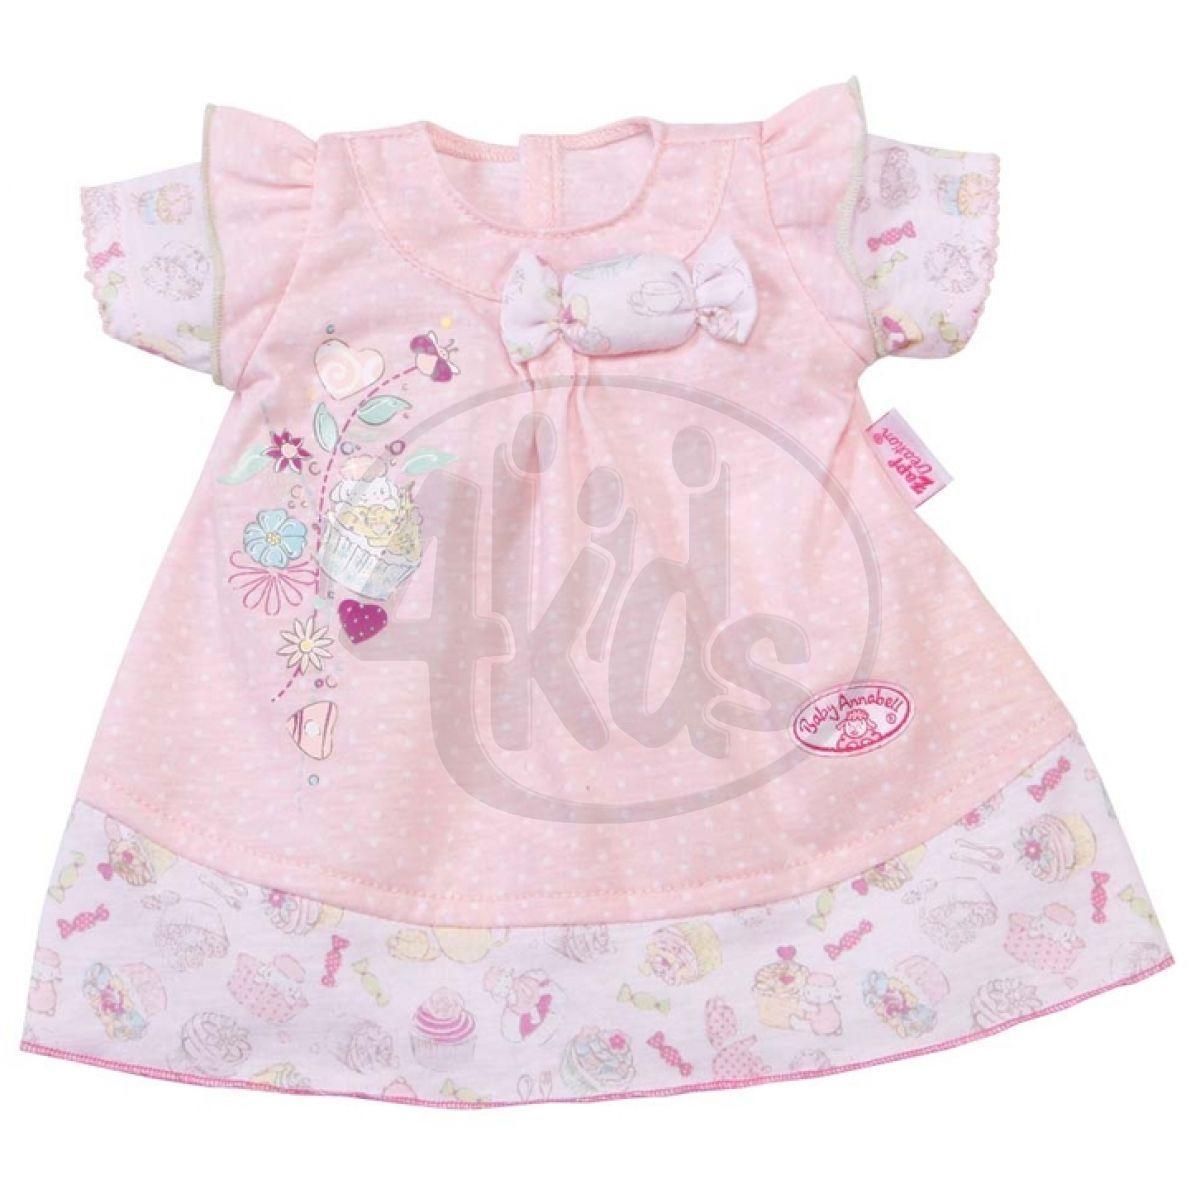 Одежда для Беби Бона девочки и мальчика: как сделать своими 189